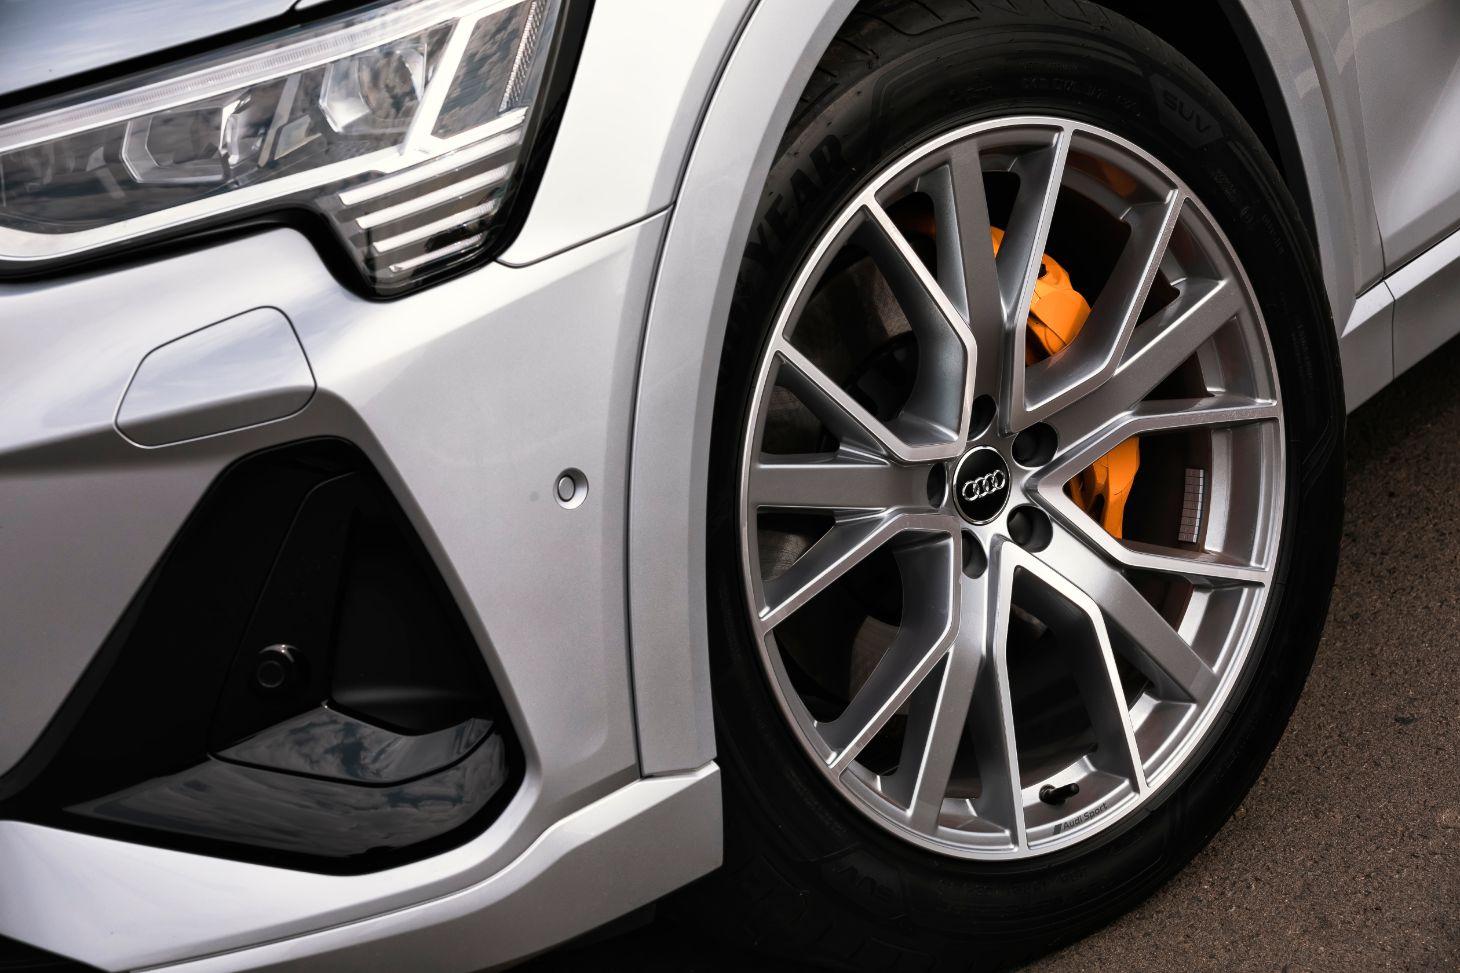 rodas do audi e tron com pinca de freio laranja